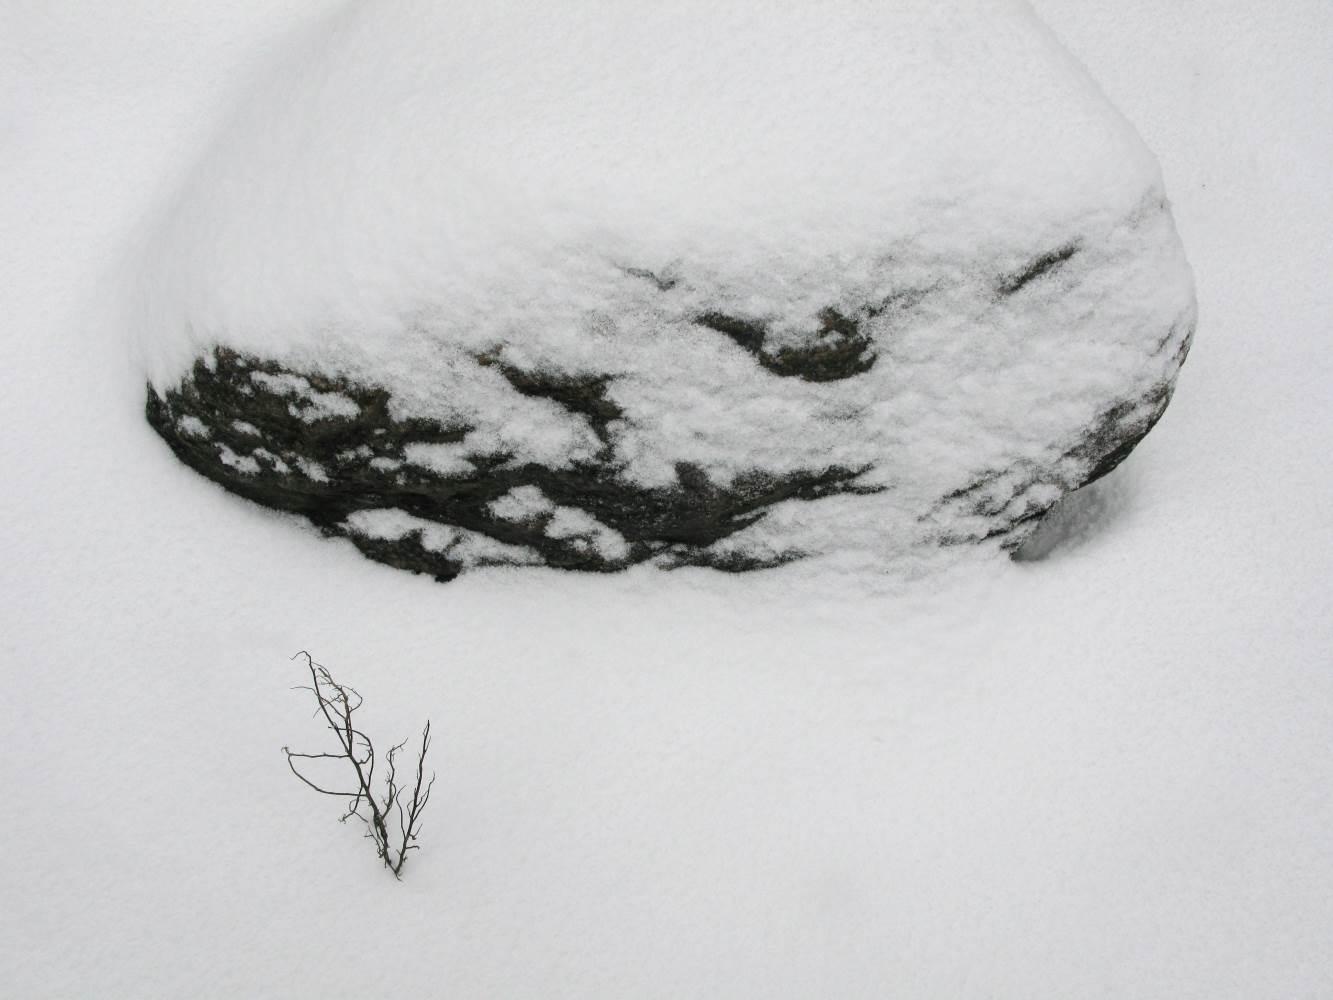 Fels und Zweig im Schnee © Lars Baus 2014